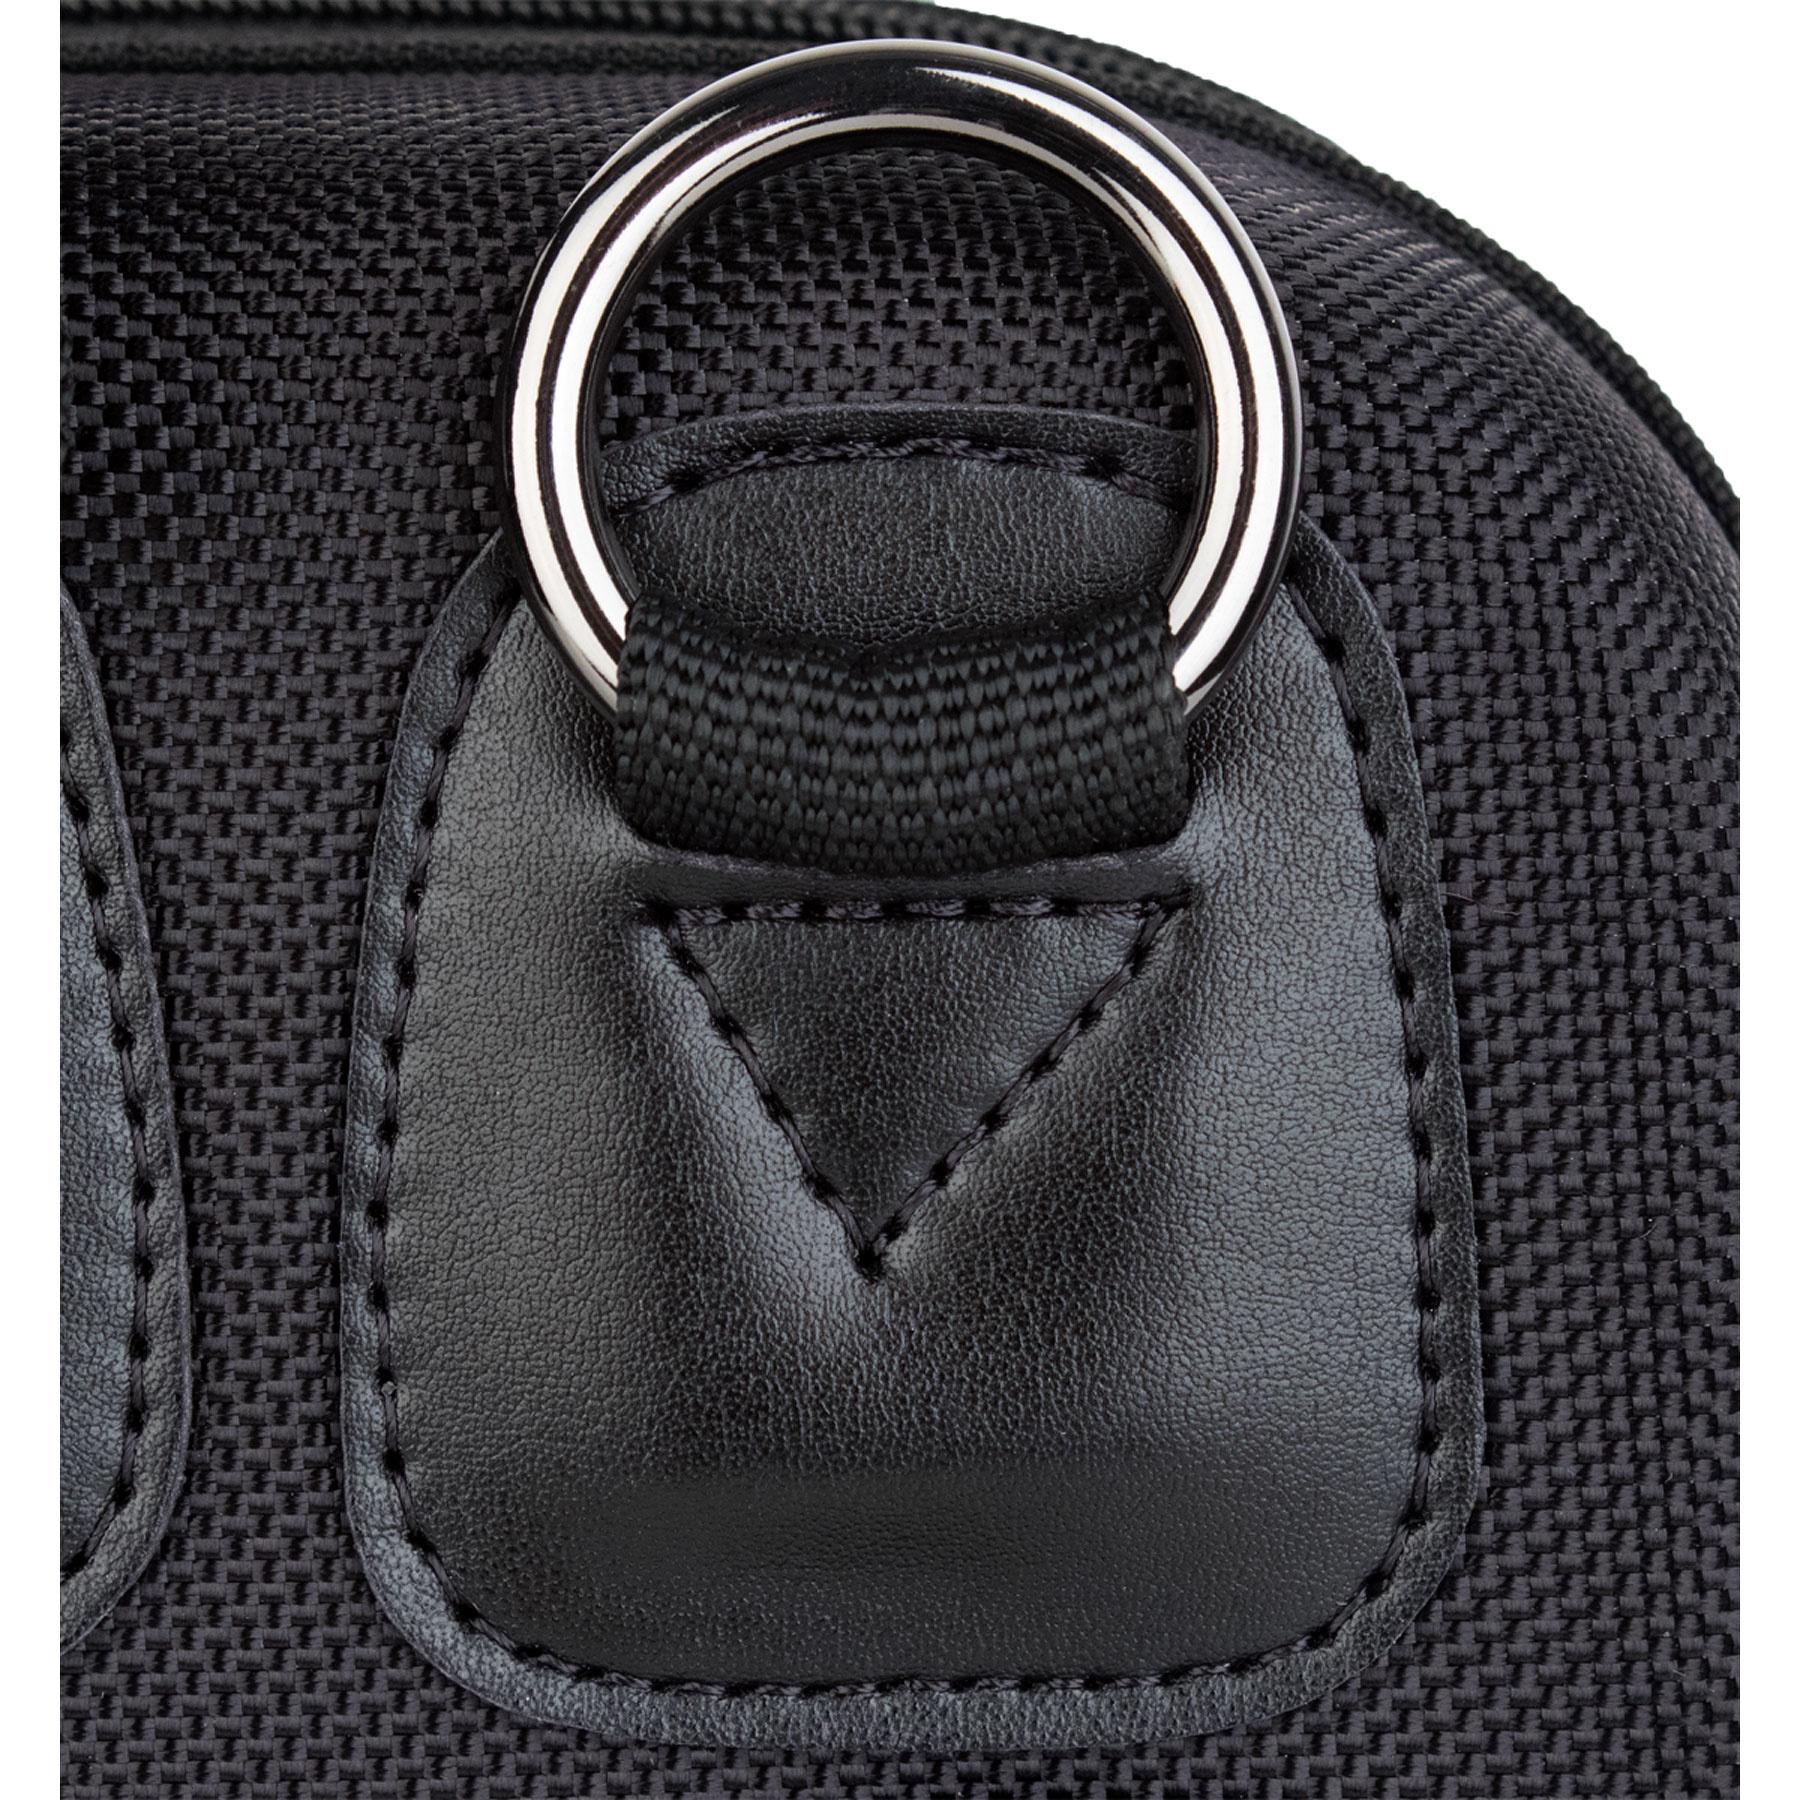 Protec Protec Pro Pac Slimline Clarinet Case